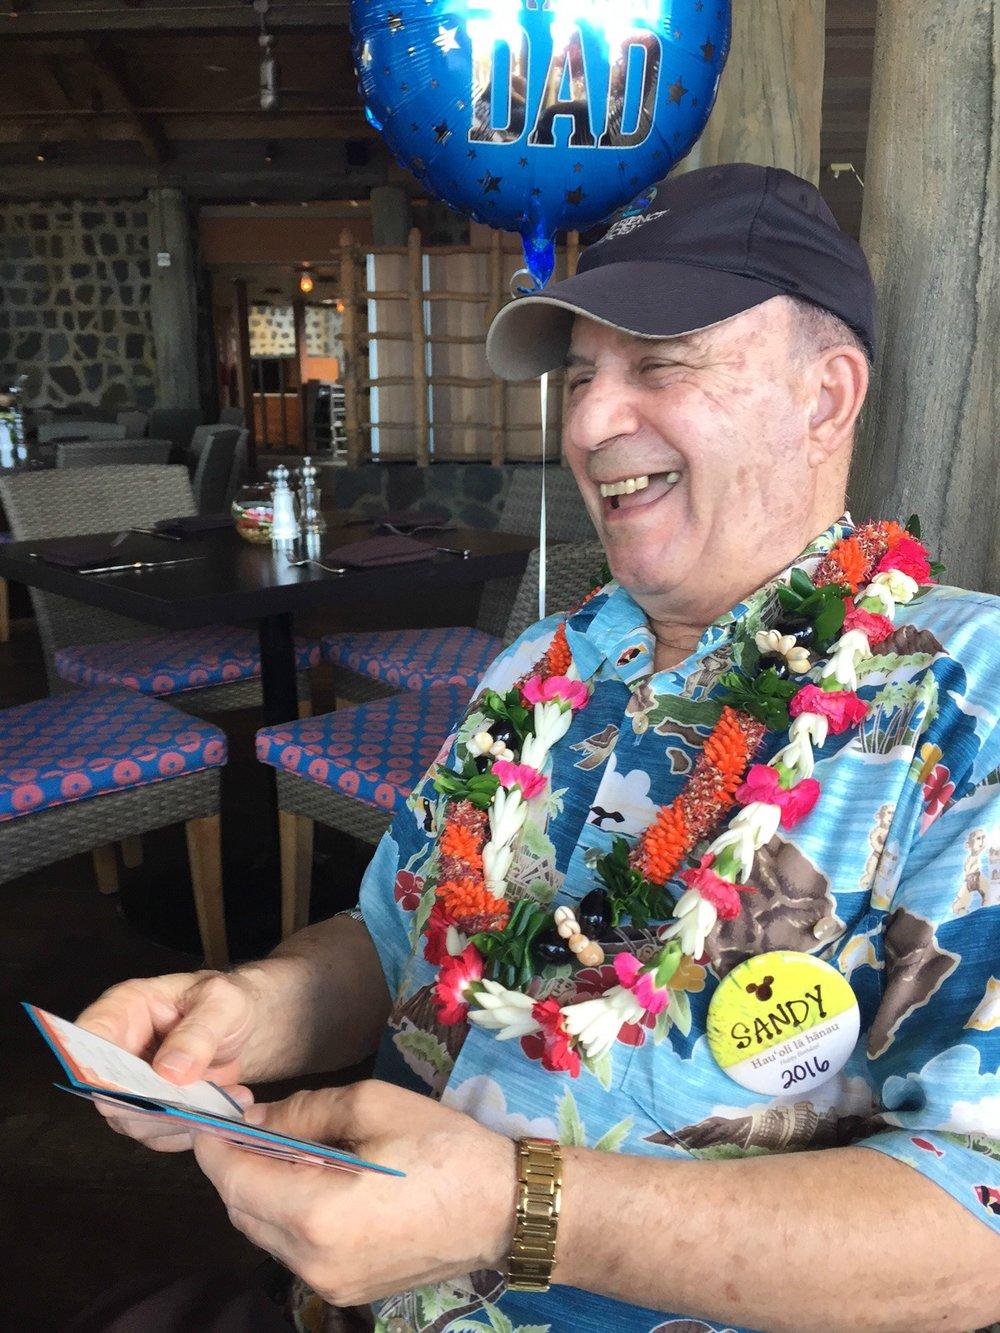 Dad's Birthday - www.stampedwithaloha.com